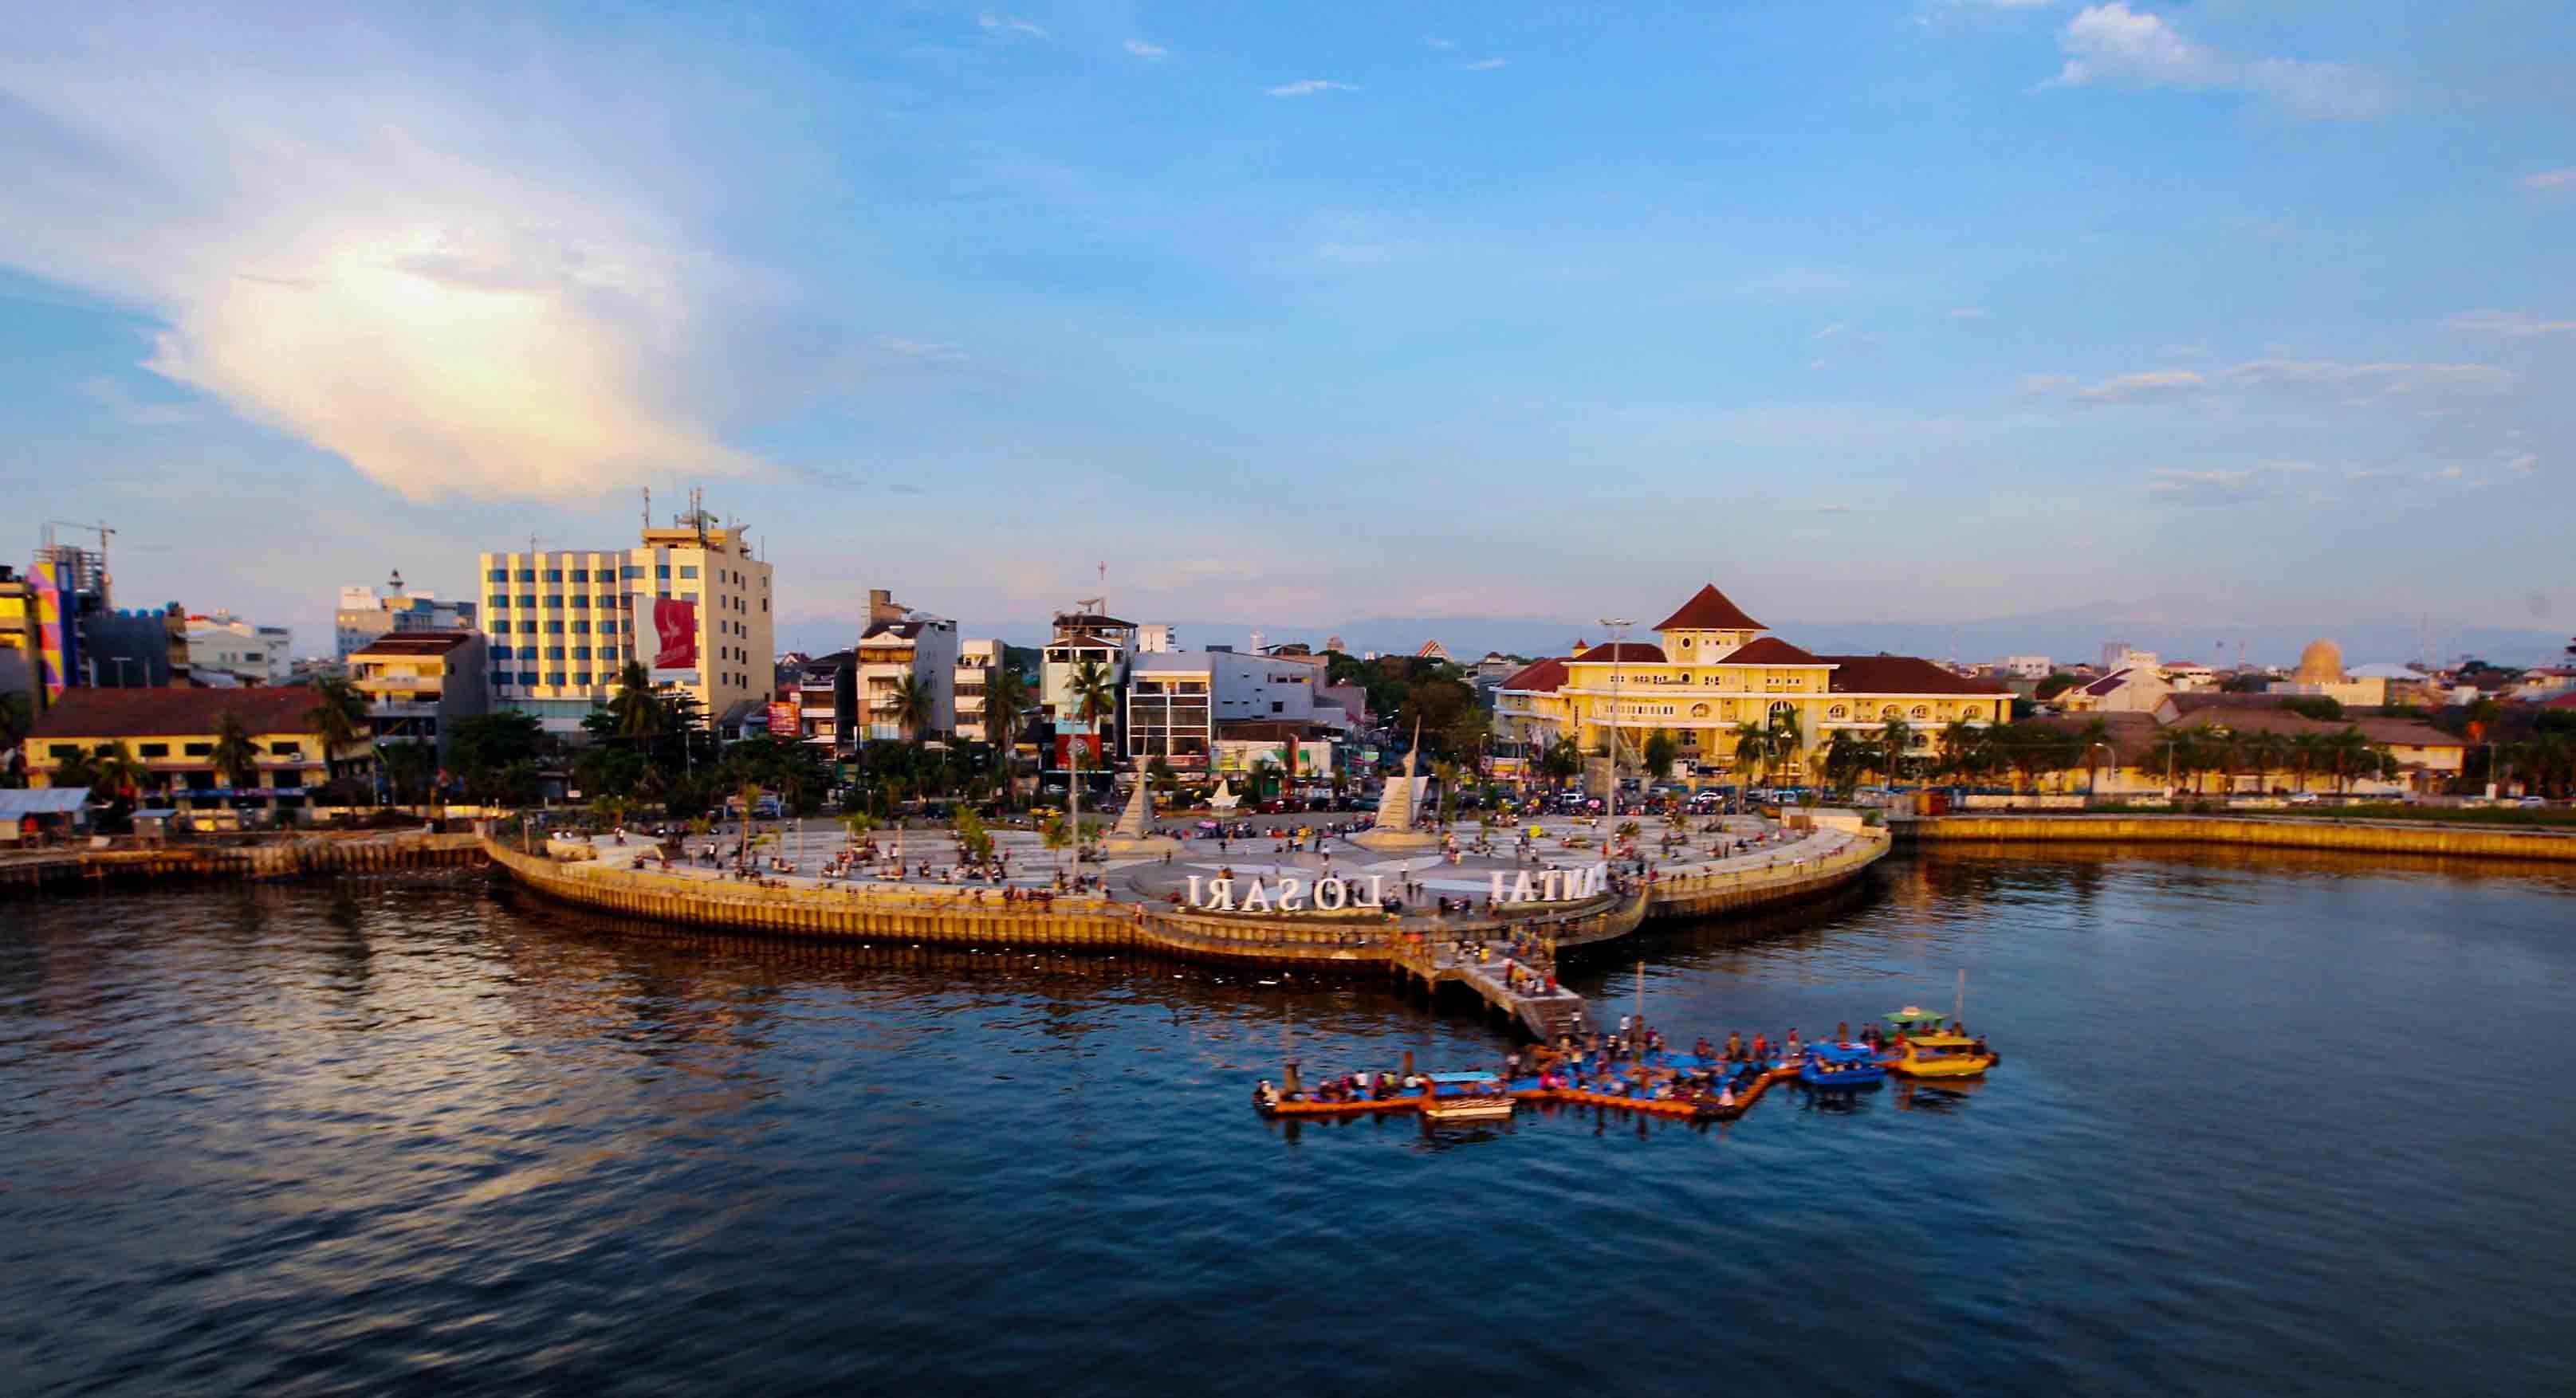 Pantai Losari Salah Satu Icon Kota Makassar Sulawesi Selatan